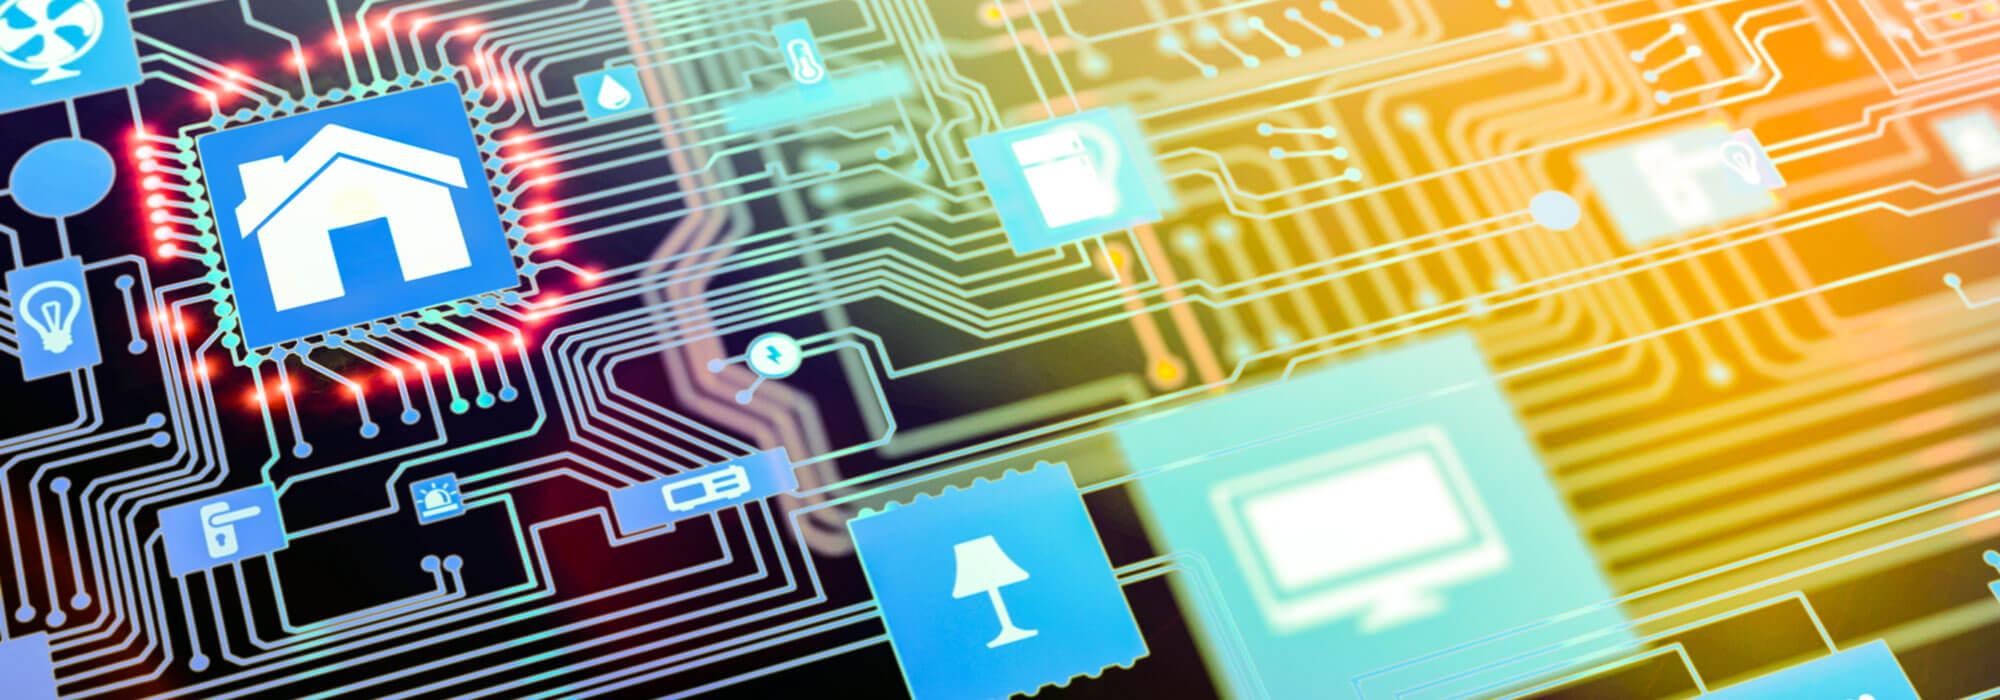 Digitale Transformation - Digitale Transformation ist ein Muss für die Gewinner von morgen